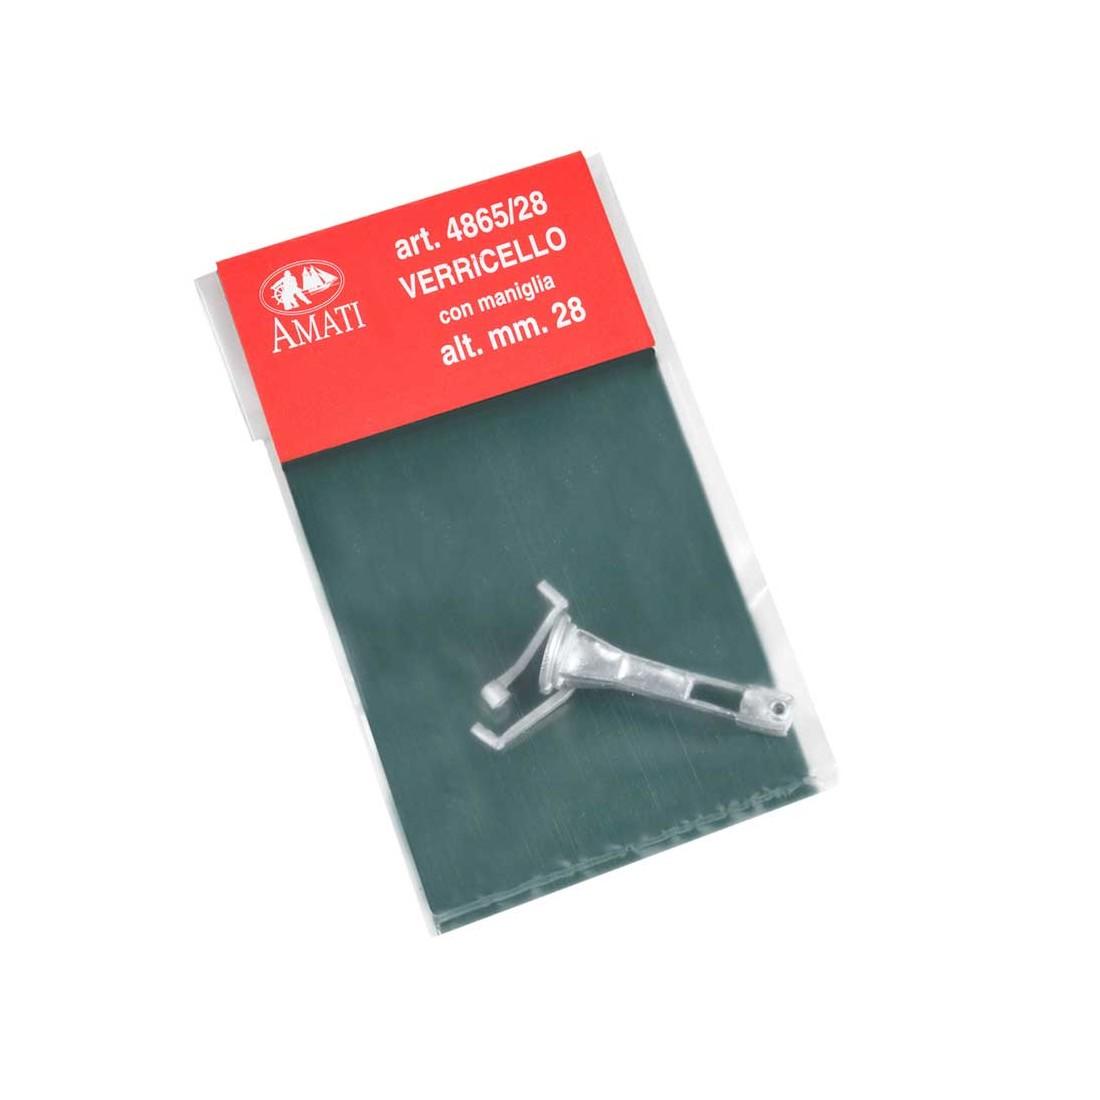 Verricelli con maniglie mm. 9x28